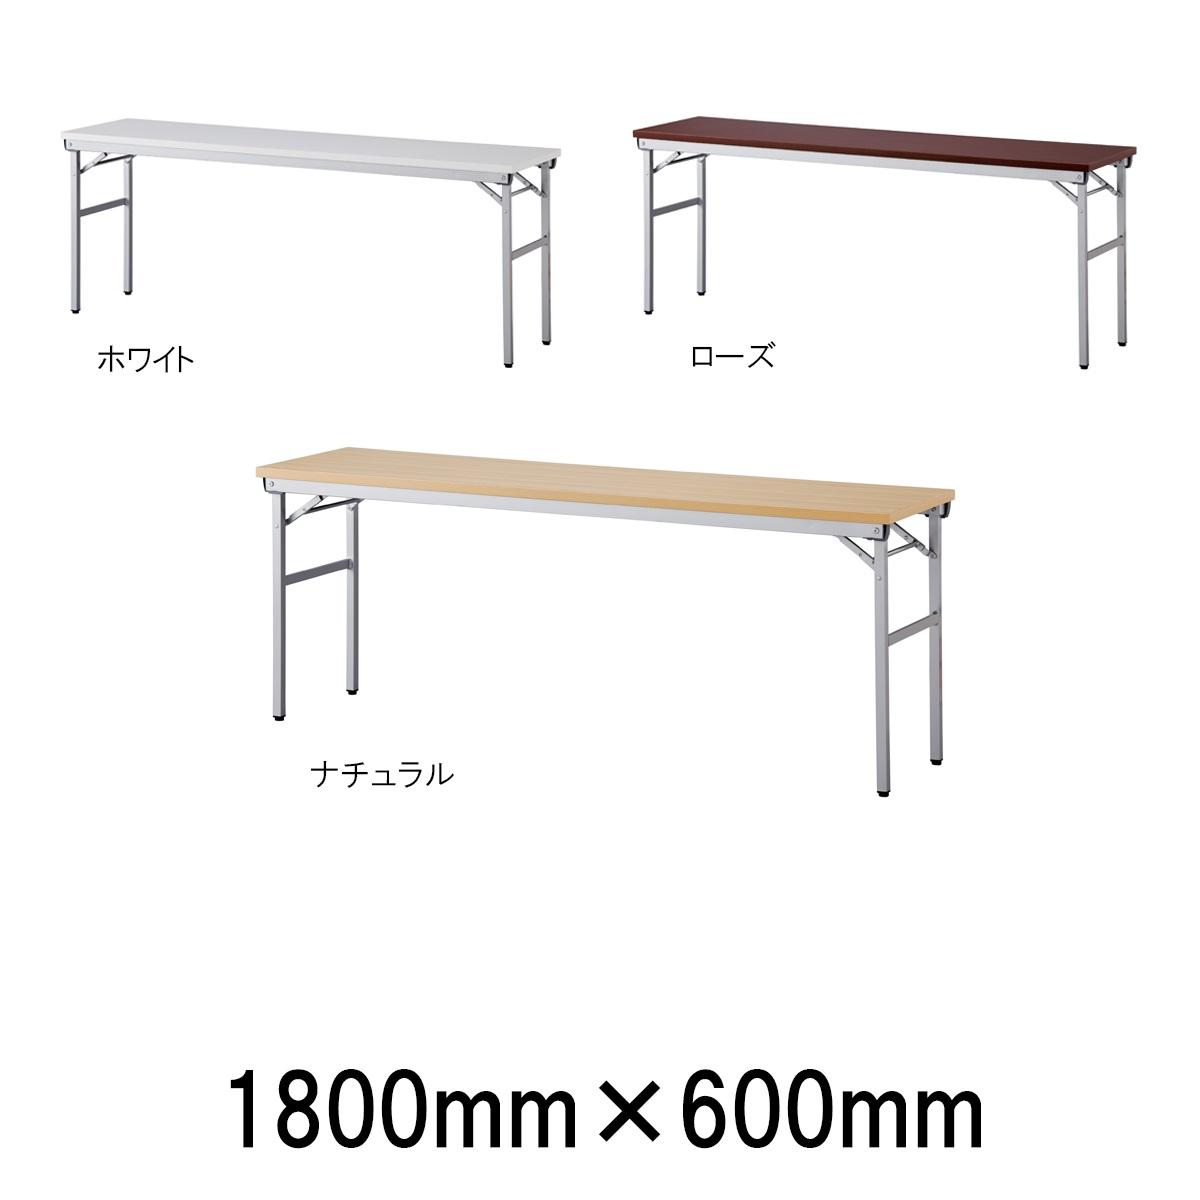 会議用テーブル 折りたたみ W1800 D600 H700 棚なし | I-OTNK-1860